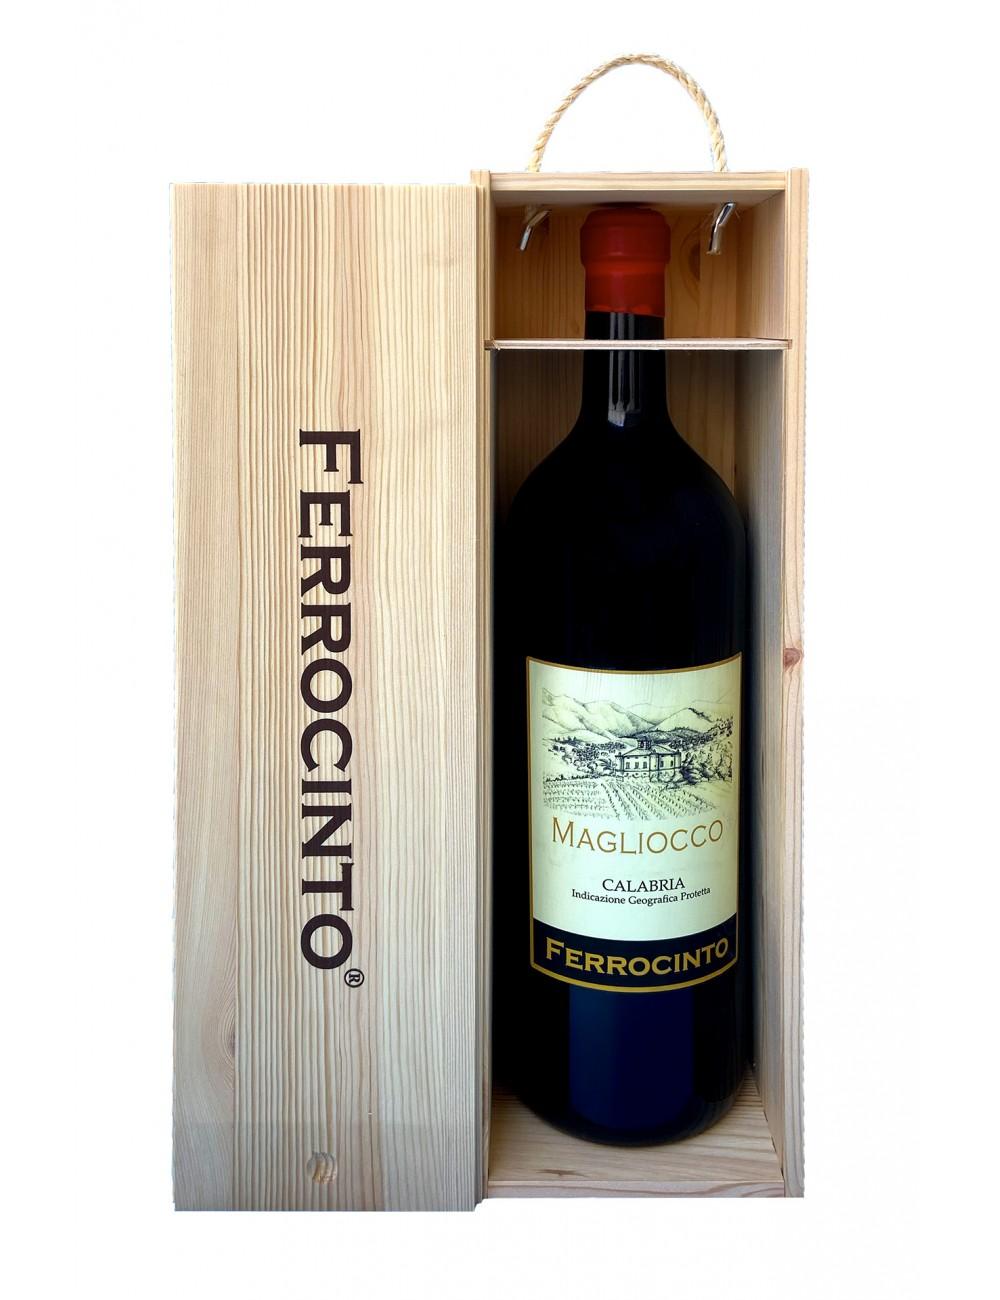 Magliocco Ferrocinto Magnum...